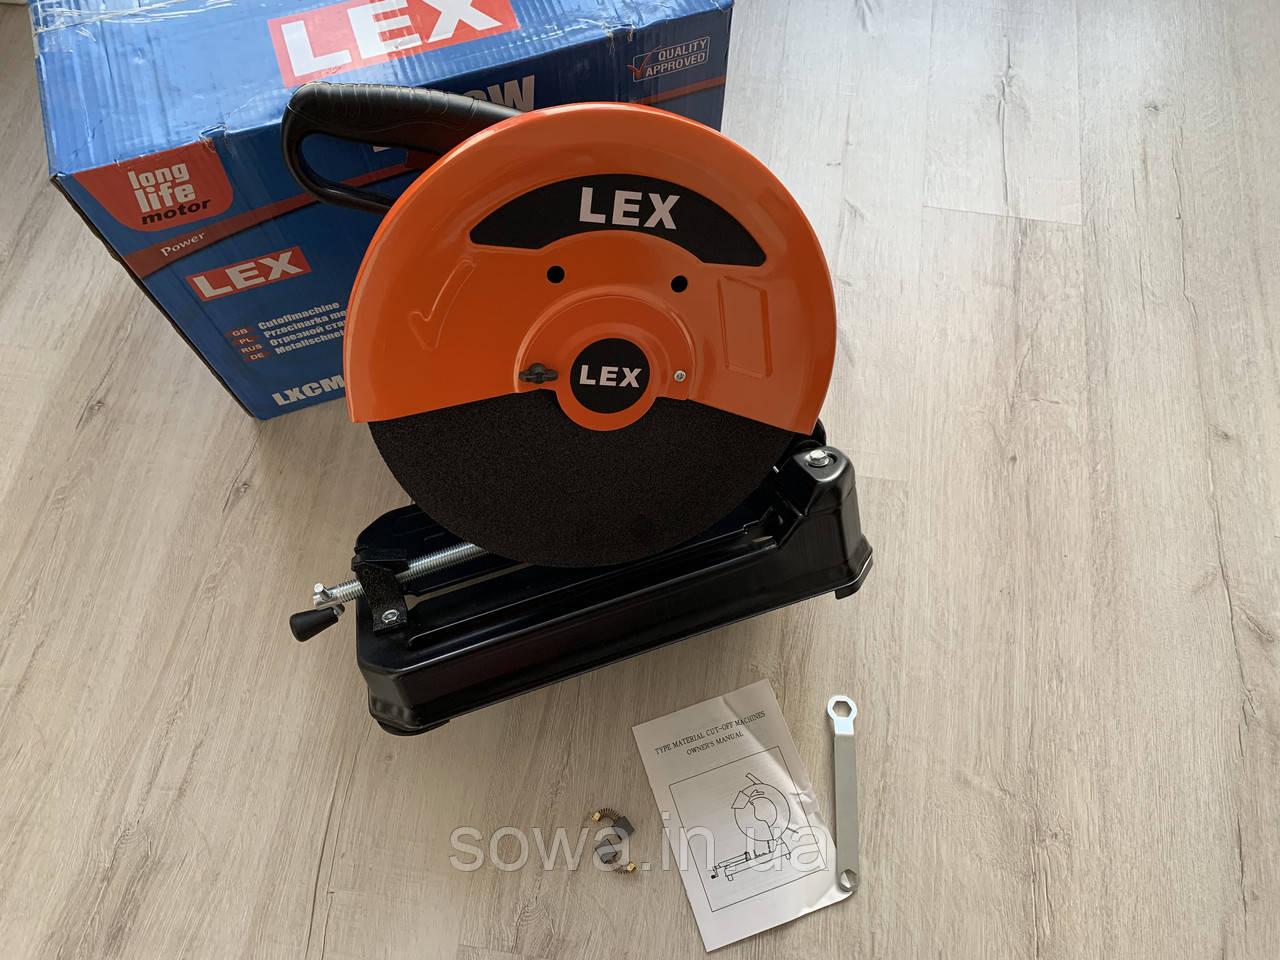 ✔️ Монтажна пила LEX металорез, труборіз - LXCM295 ( 2900 Вт )